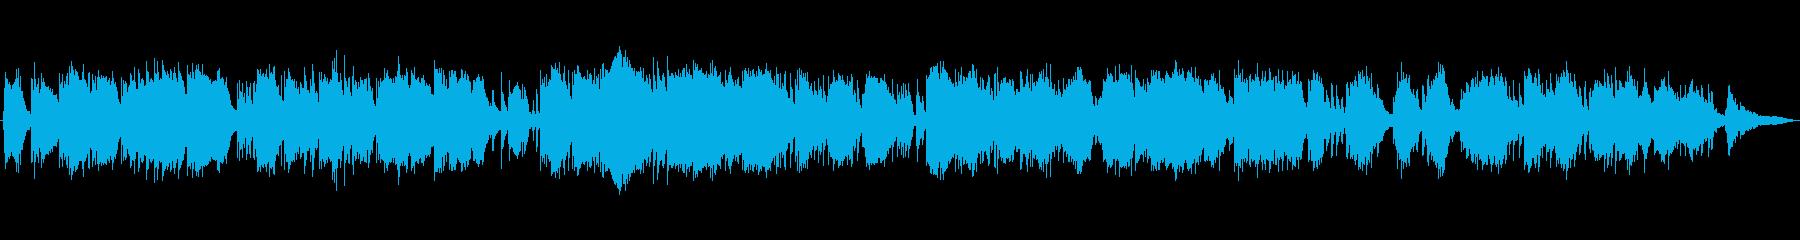 静かなピアノソロ即興演奏の再生済みの波形